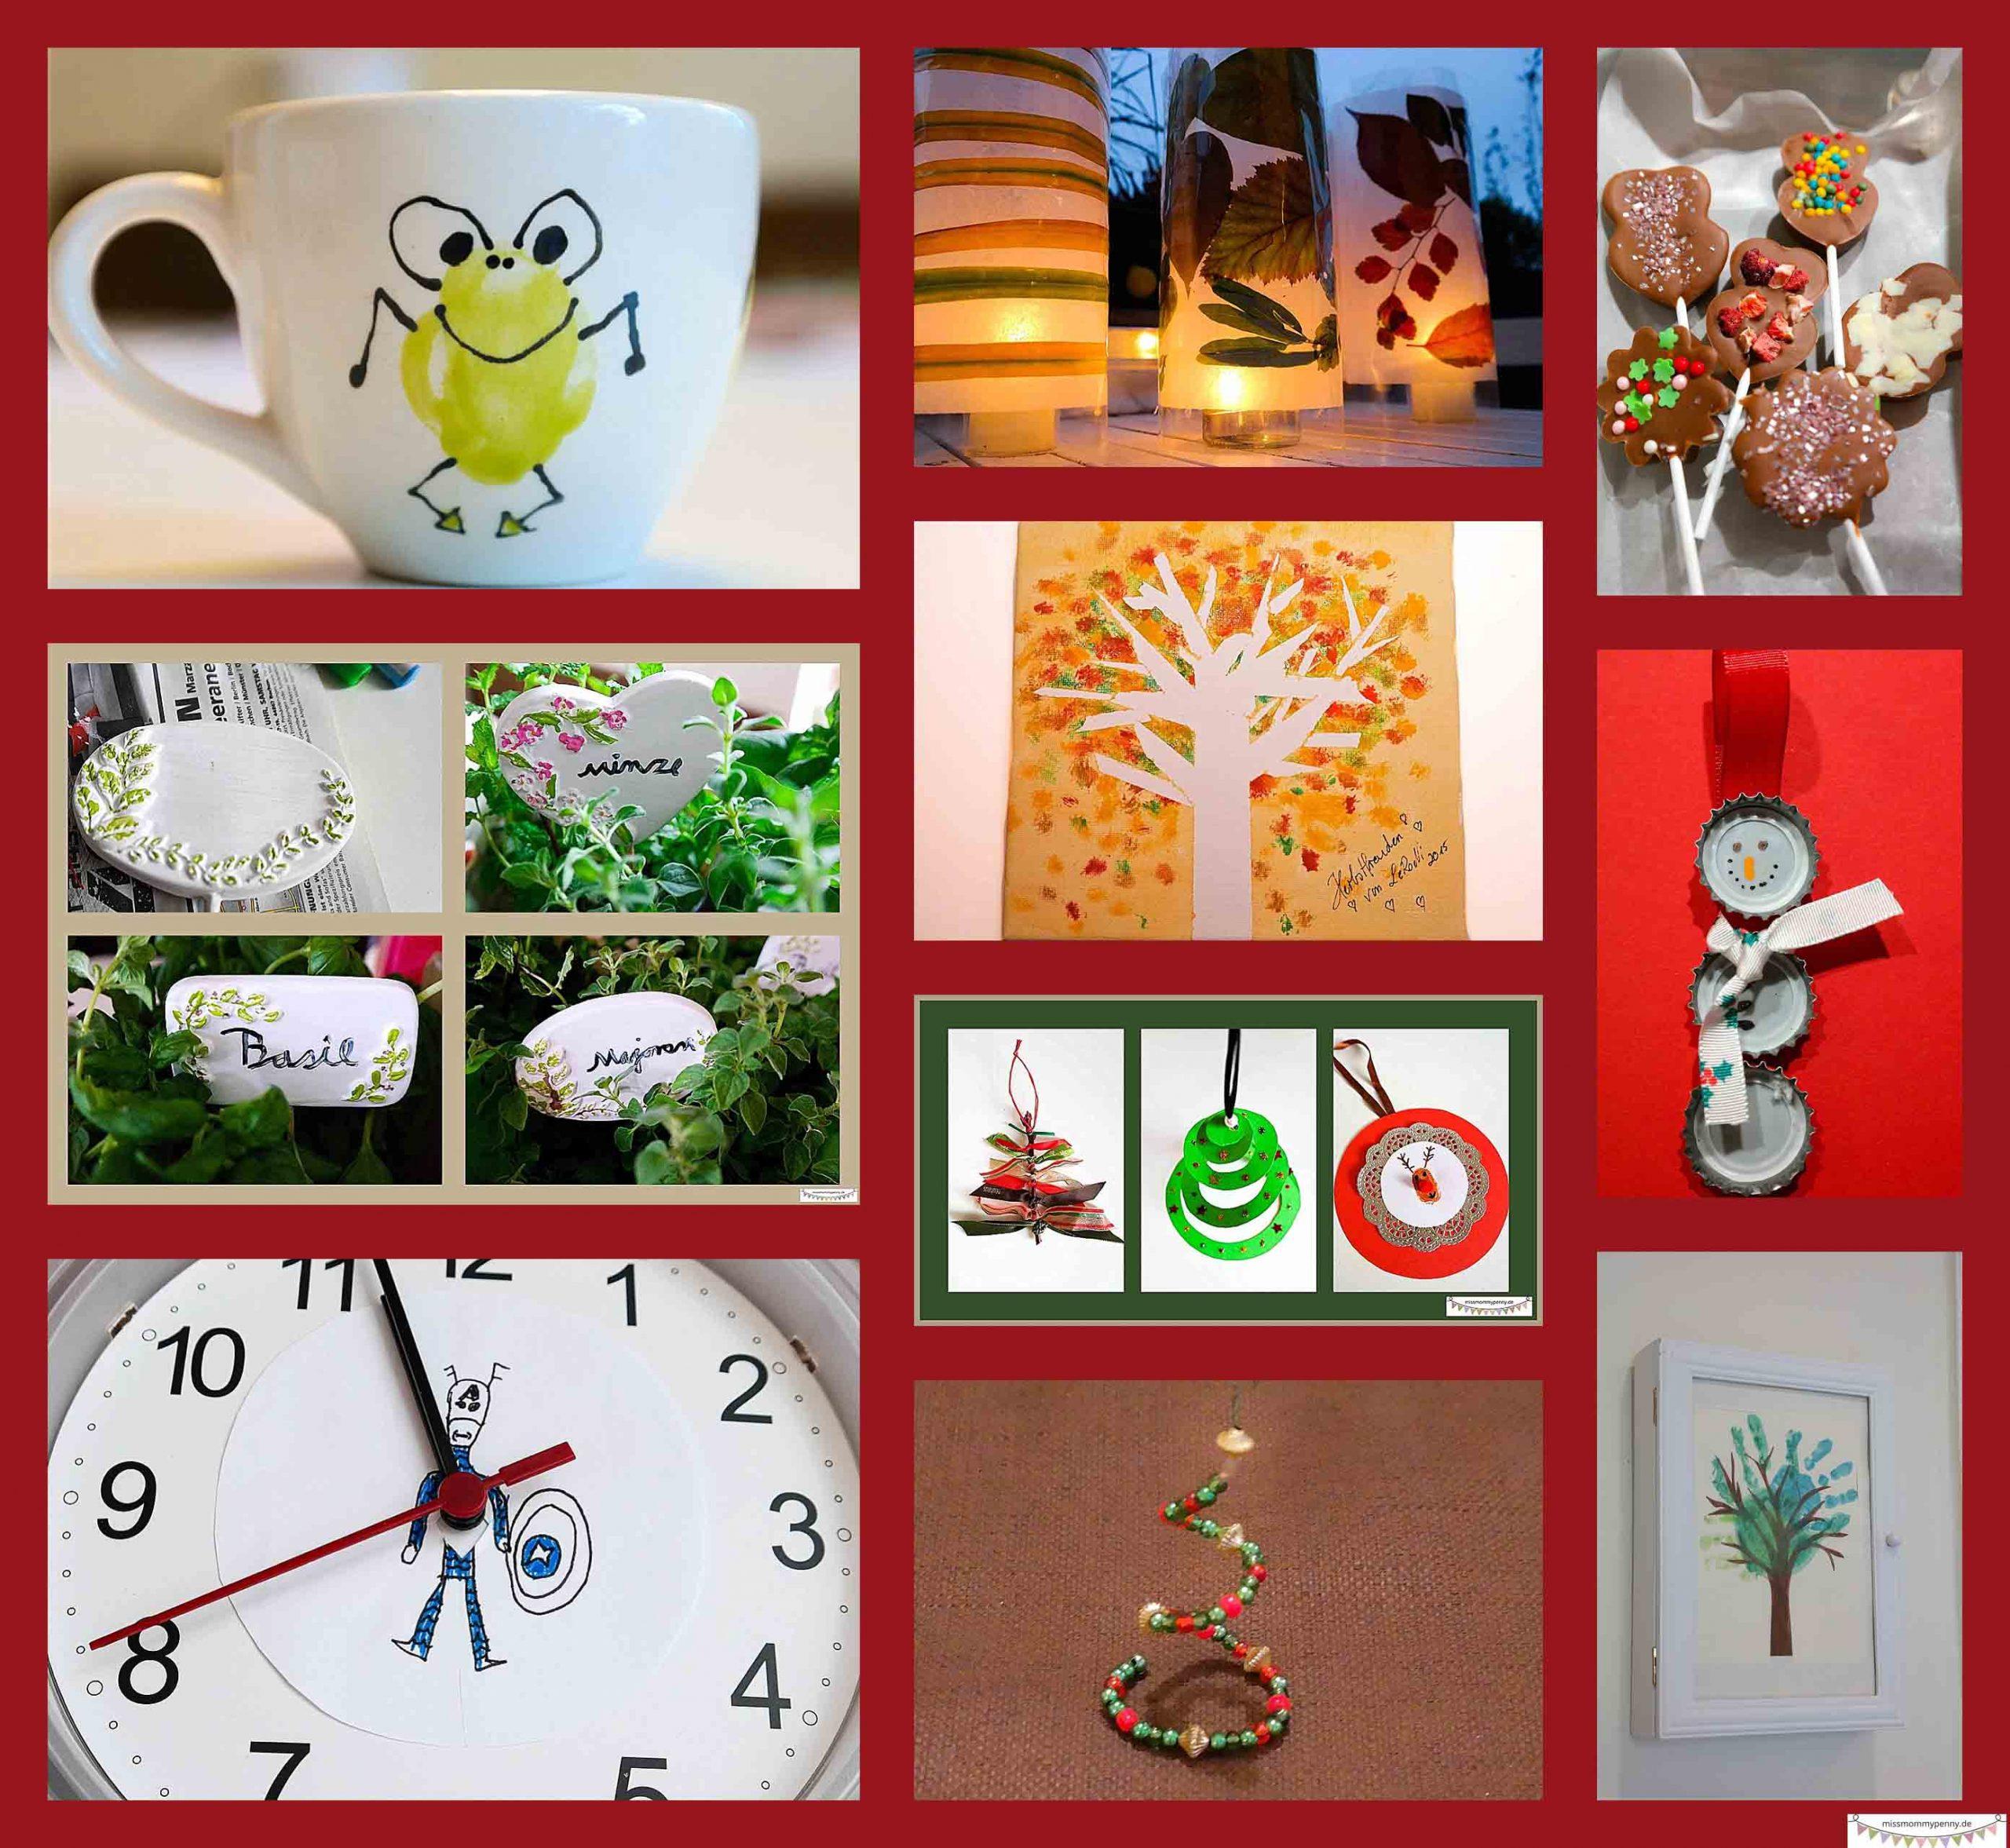 Diy Bastelgeschenke Aus Kinderhand - Für Oma, Opa & Co verwandt mit Selbstgebastelte Geschenke Von Kindern